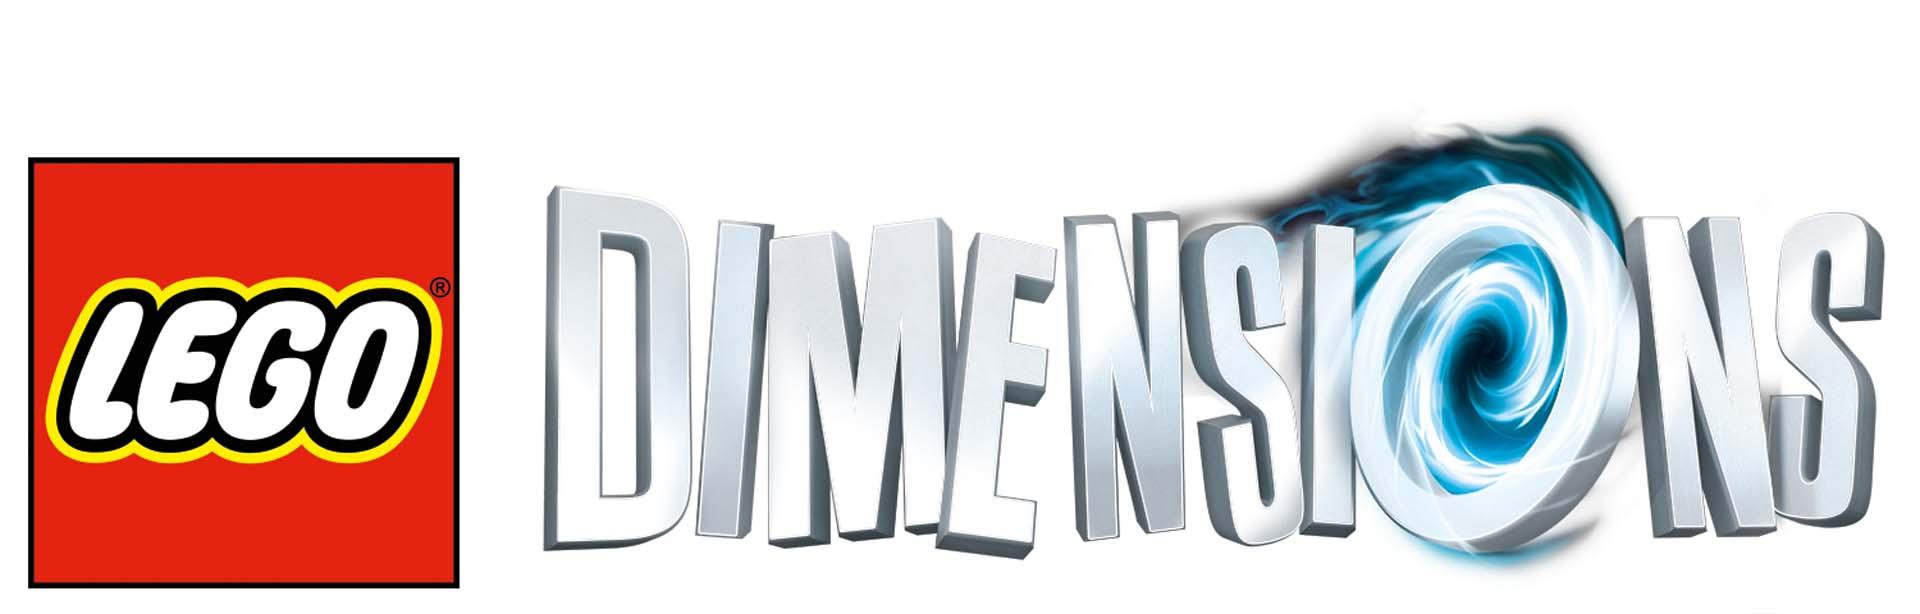 Lego Dimensions Neue Erweiterungs Packs Mit Ghostbusters